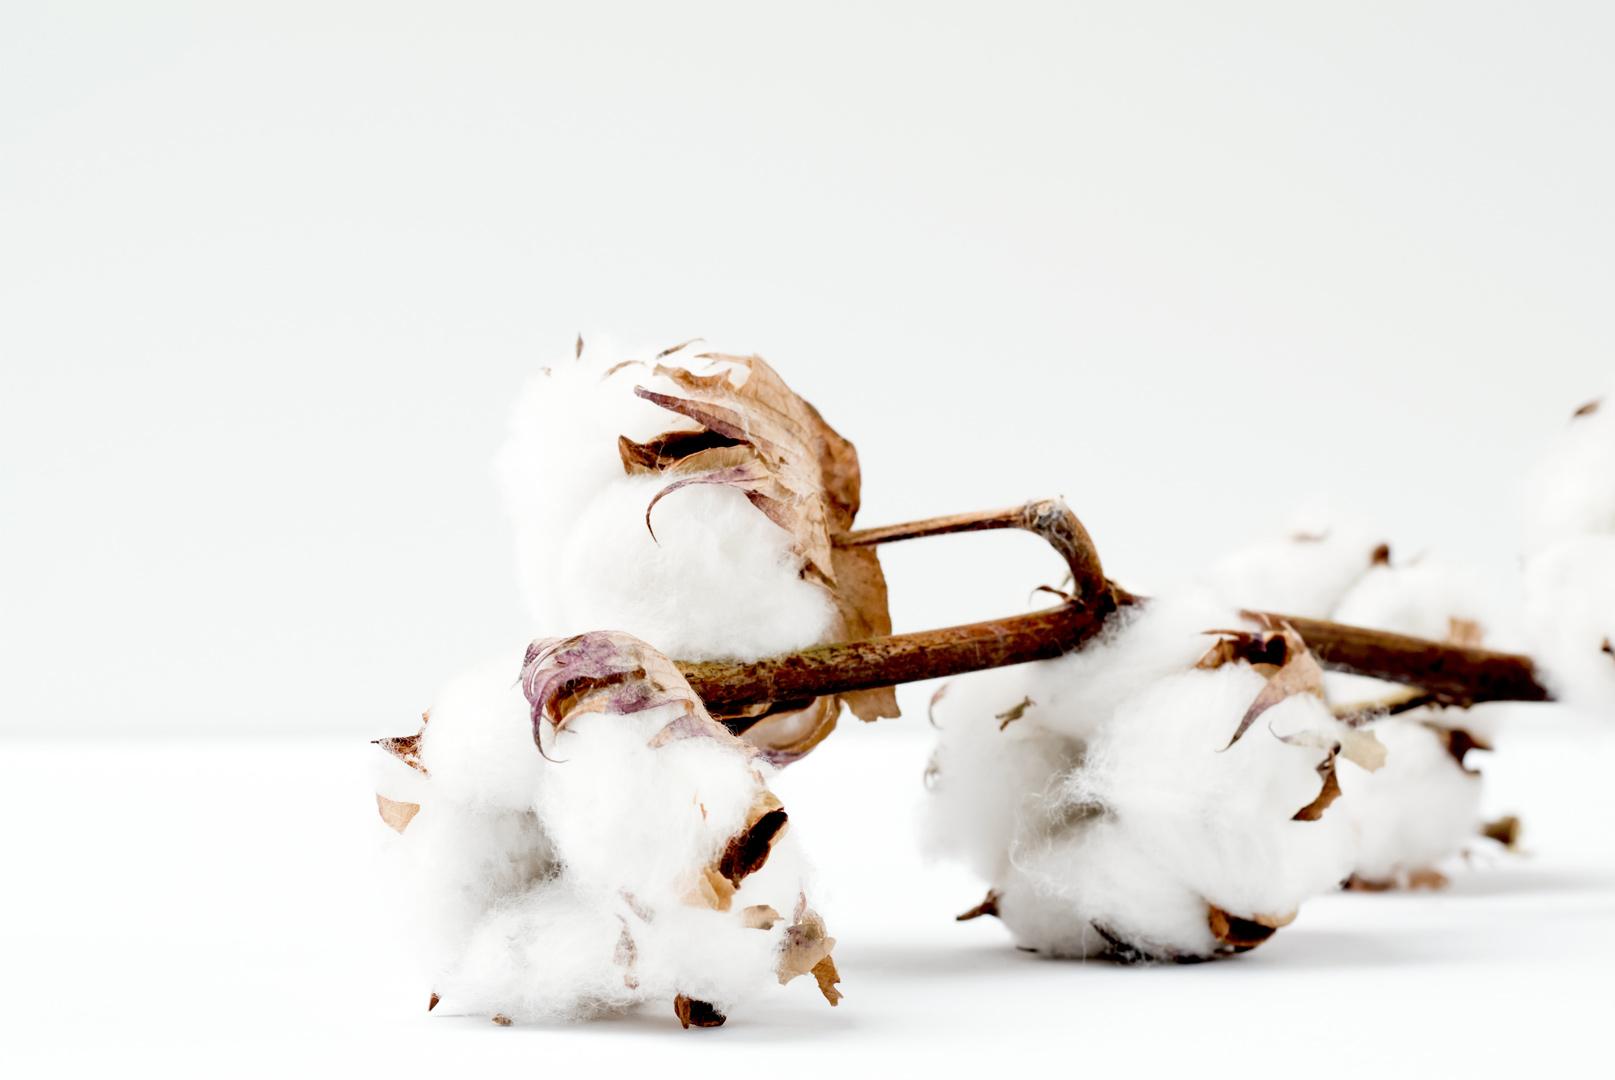 Baumwolle ist ein gutes Material